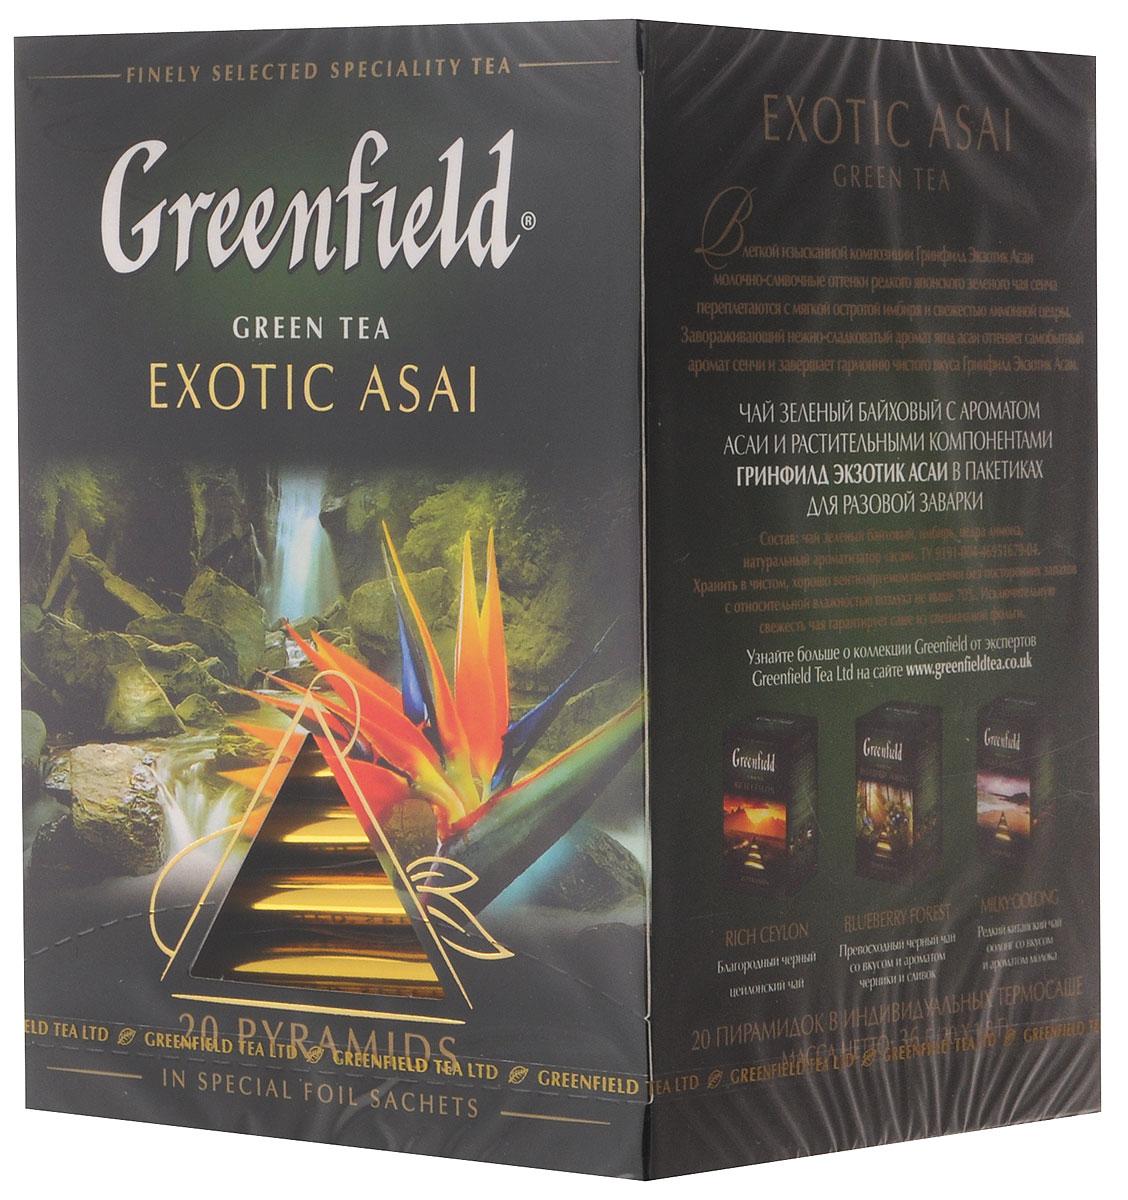 Greenfield Exotic Asai зеленый чай в пирамидках, 20 шт1023-08В легкой изысканной композиции Гринфилд Экзотик Асаи молочно-сливочные оттенки редкого японского зеленого чая сенча переплетаются с мягкой остротой имбиря и свежестью лимонной цедры. Завораживающий нежно-сладковатый аромат ягод асаи оттеняет самобытный аромат сенчи и завершает гармонию чистого вкуса Гринфилд Экзотик Асаи.Уважаемые клиенты! Обращаем ваше внимание, что полный перечень состава продукта представлен на дополнительном изображении.